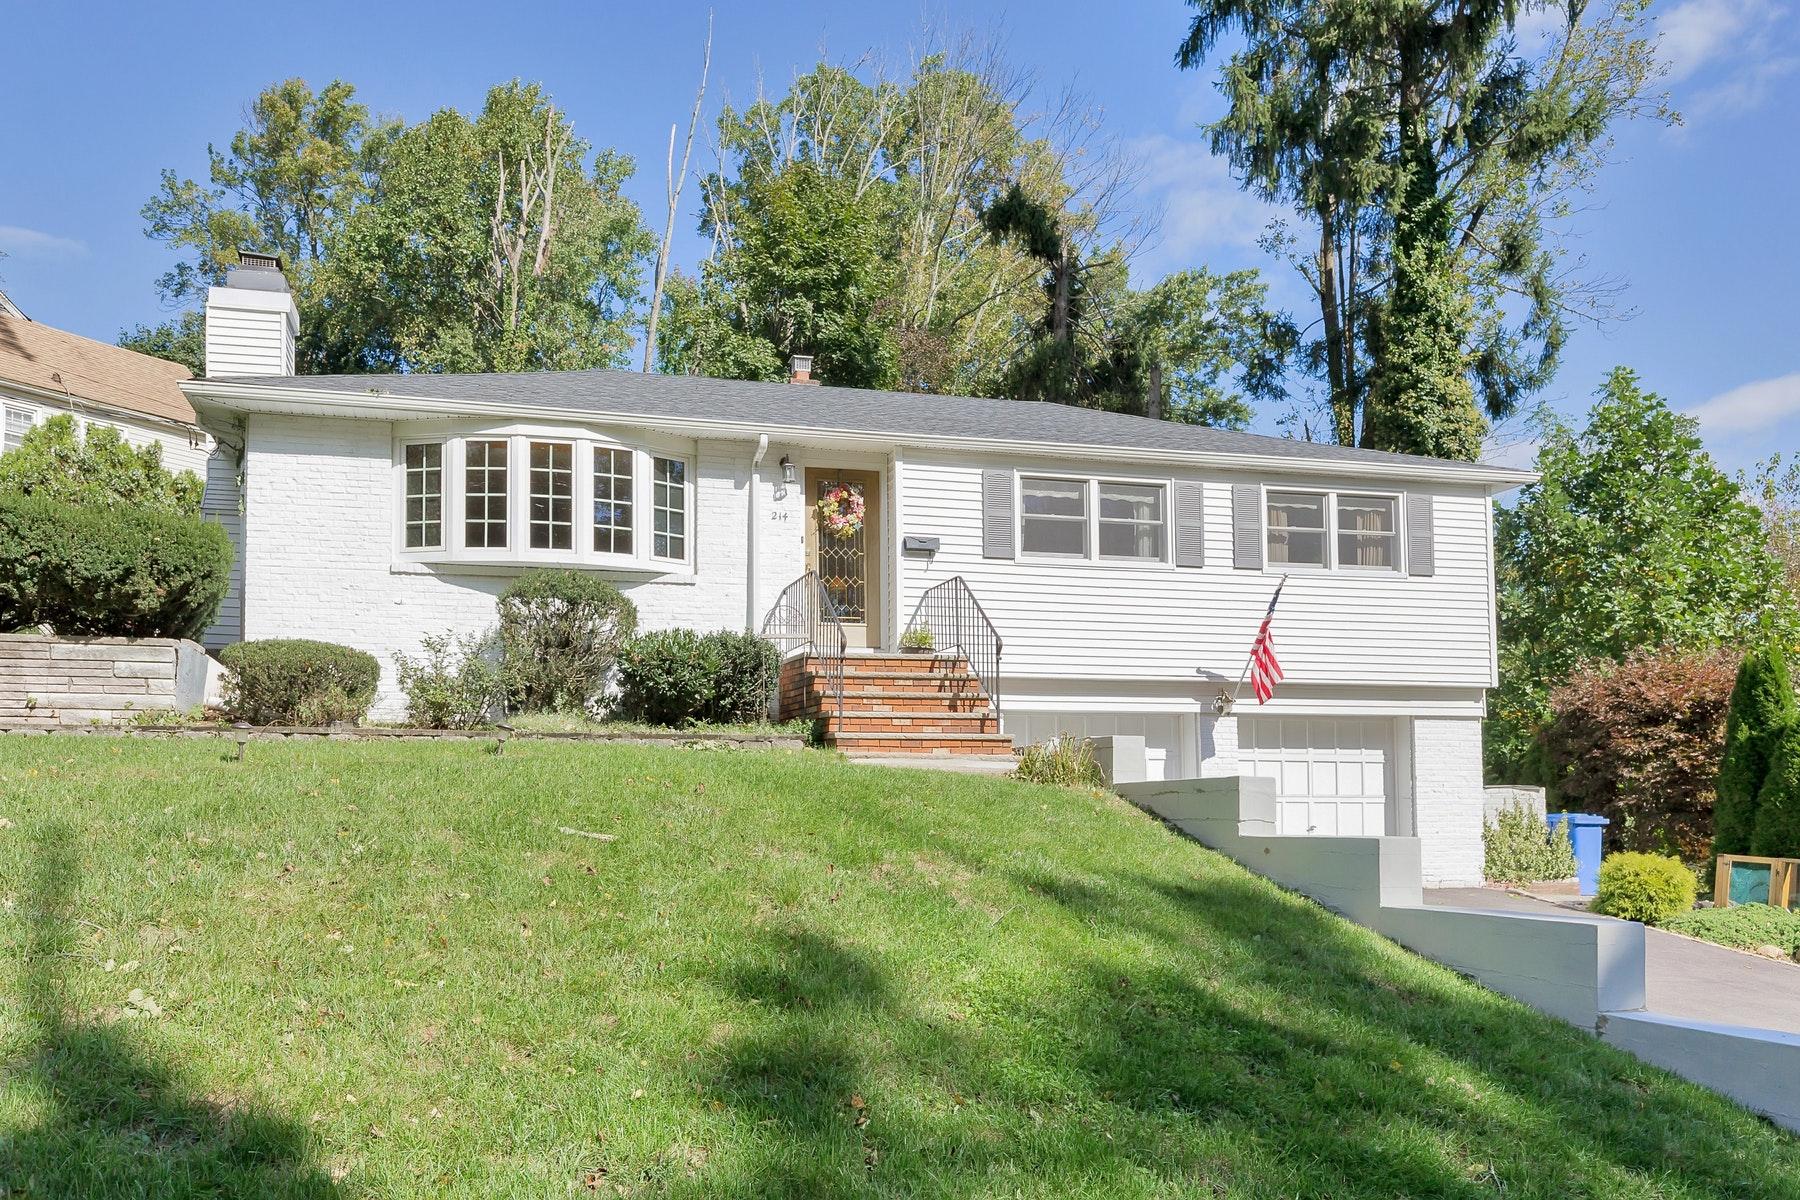 独户住宅 为 销售 在 Gracious and Inviting 214 Oak Tree Rd, Mountainside, 新泽西州 07092 美国